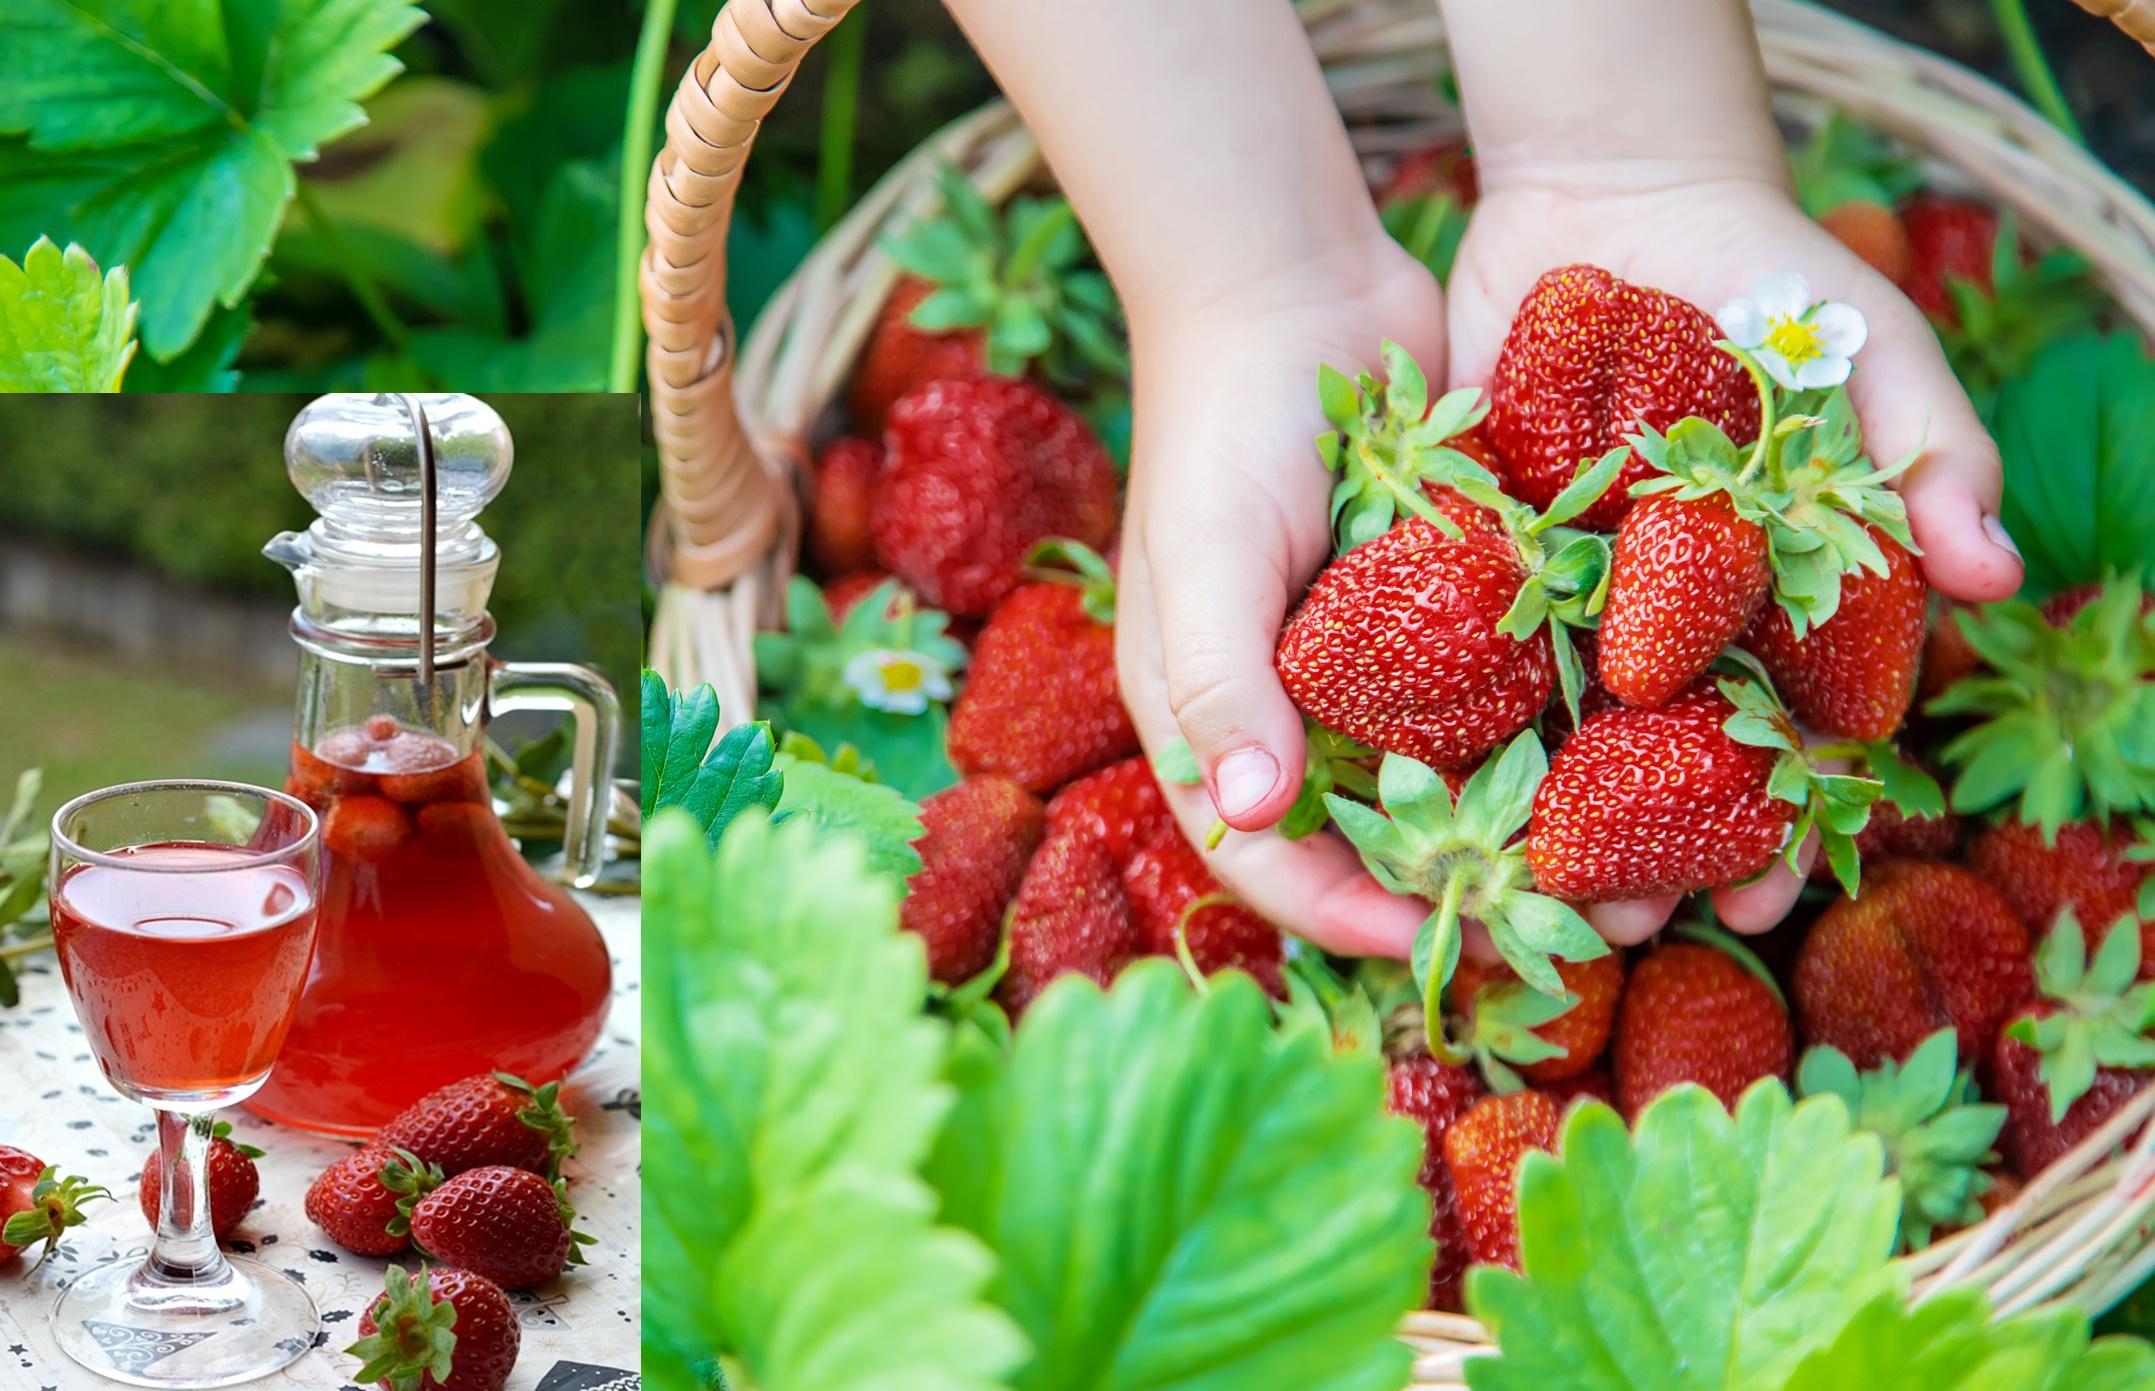 Prepararea siropului, lichiorului și gemului din căpșuni